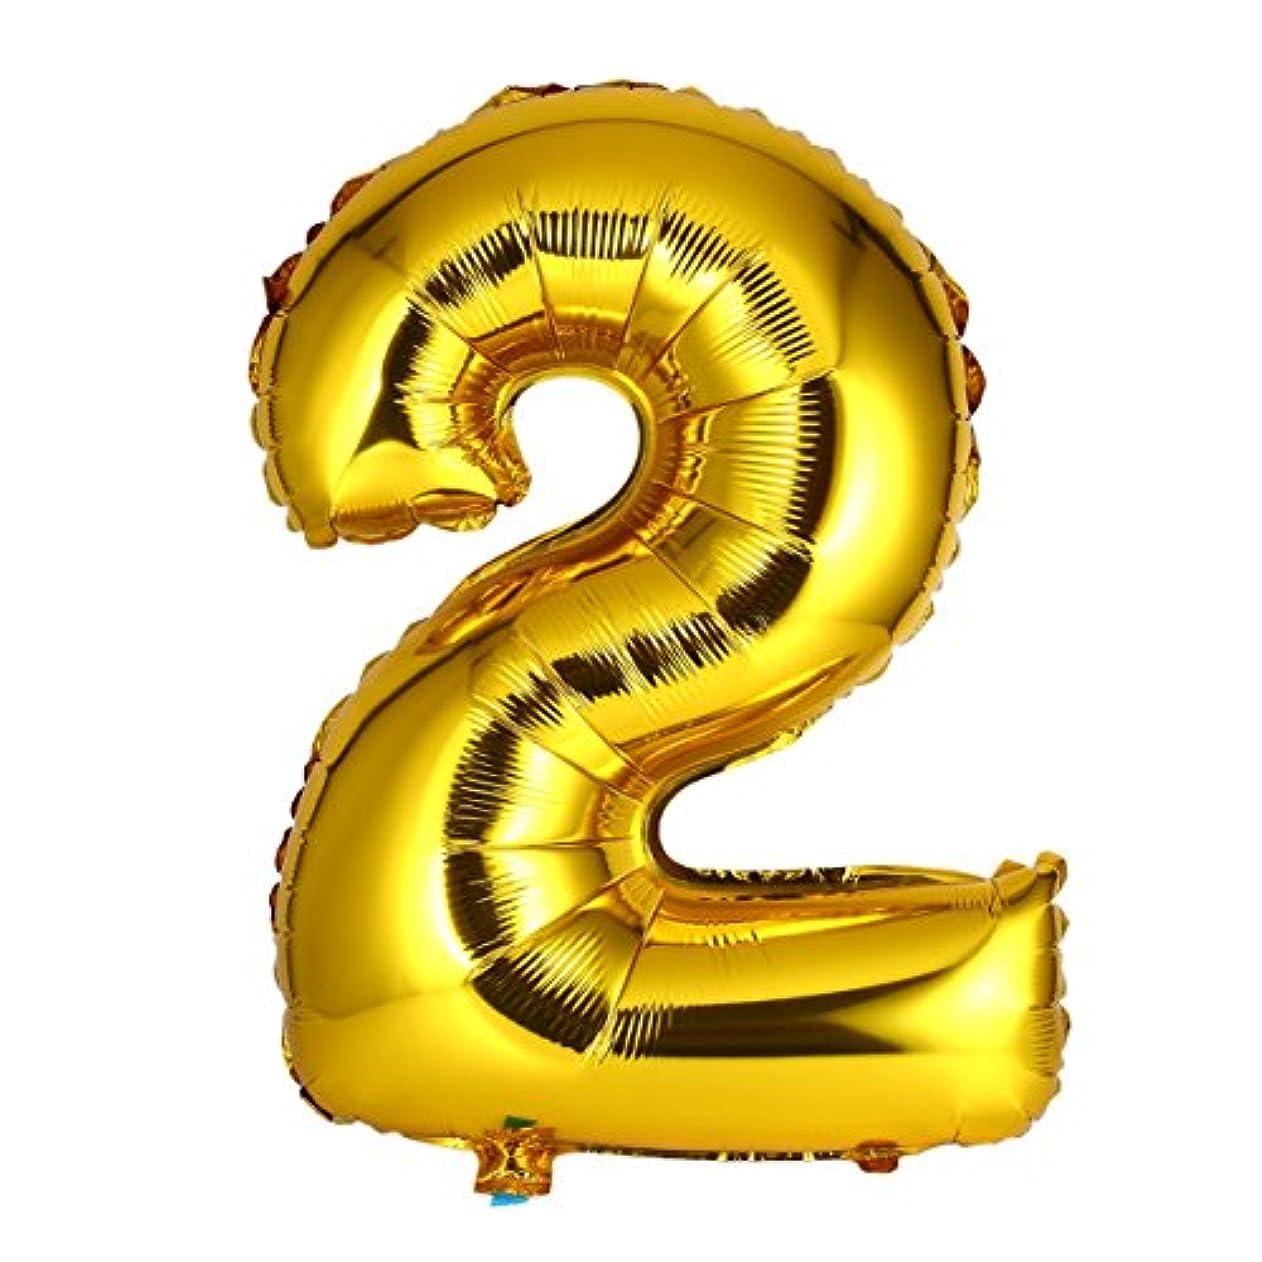 気配りのある無家具30インチゴールド箔マイラー風船用壁の装飾番号箔風船数字エアバルーン結婚式の装飾イベントパーティー用品